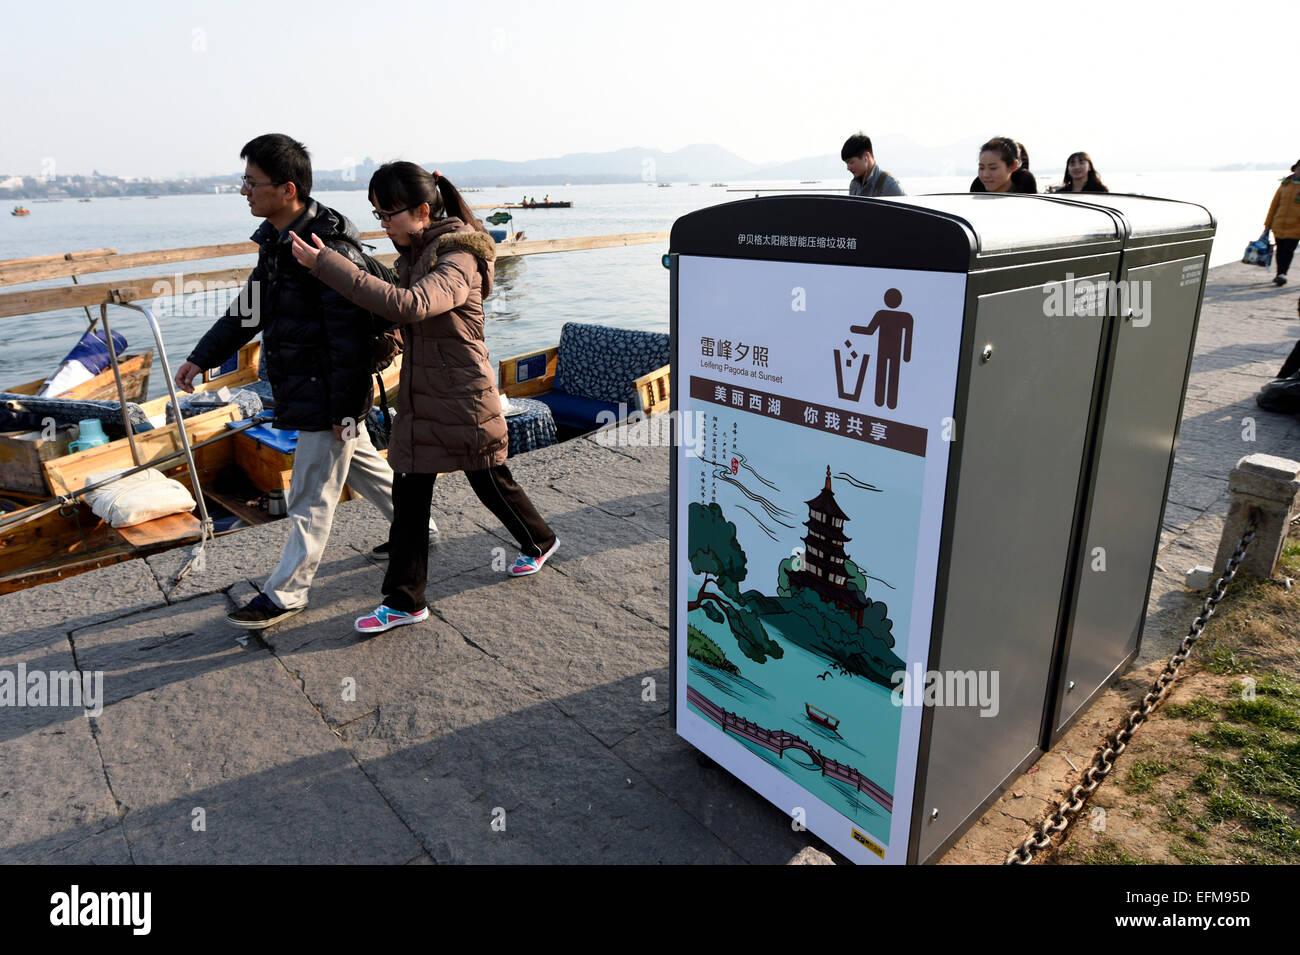 Hangzhou, Chine, Province de Zhejiang. 7 Février, 2015. Les gens passent devant une centrale solaire la compression Photo Stock